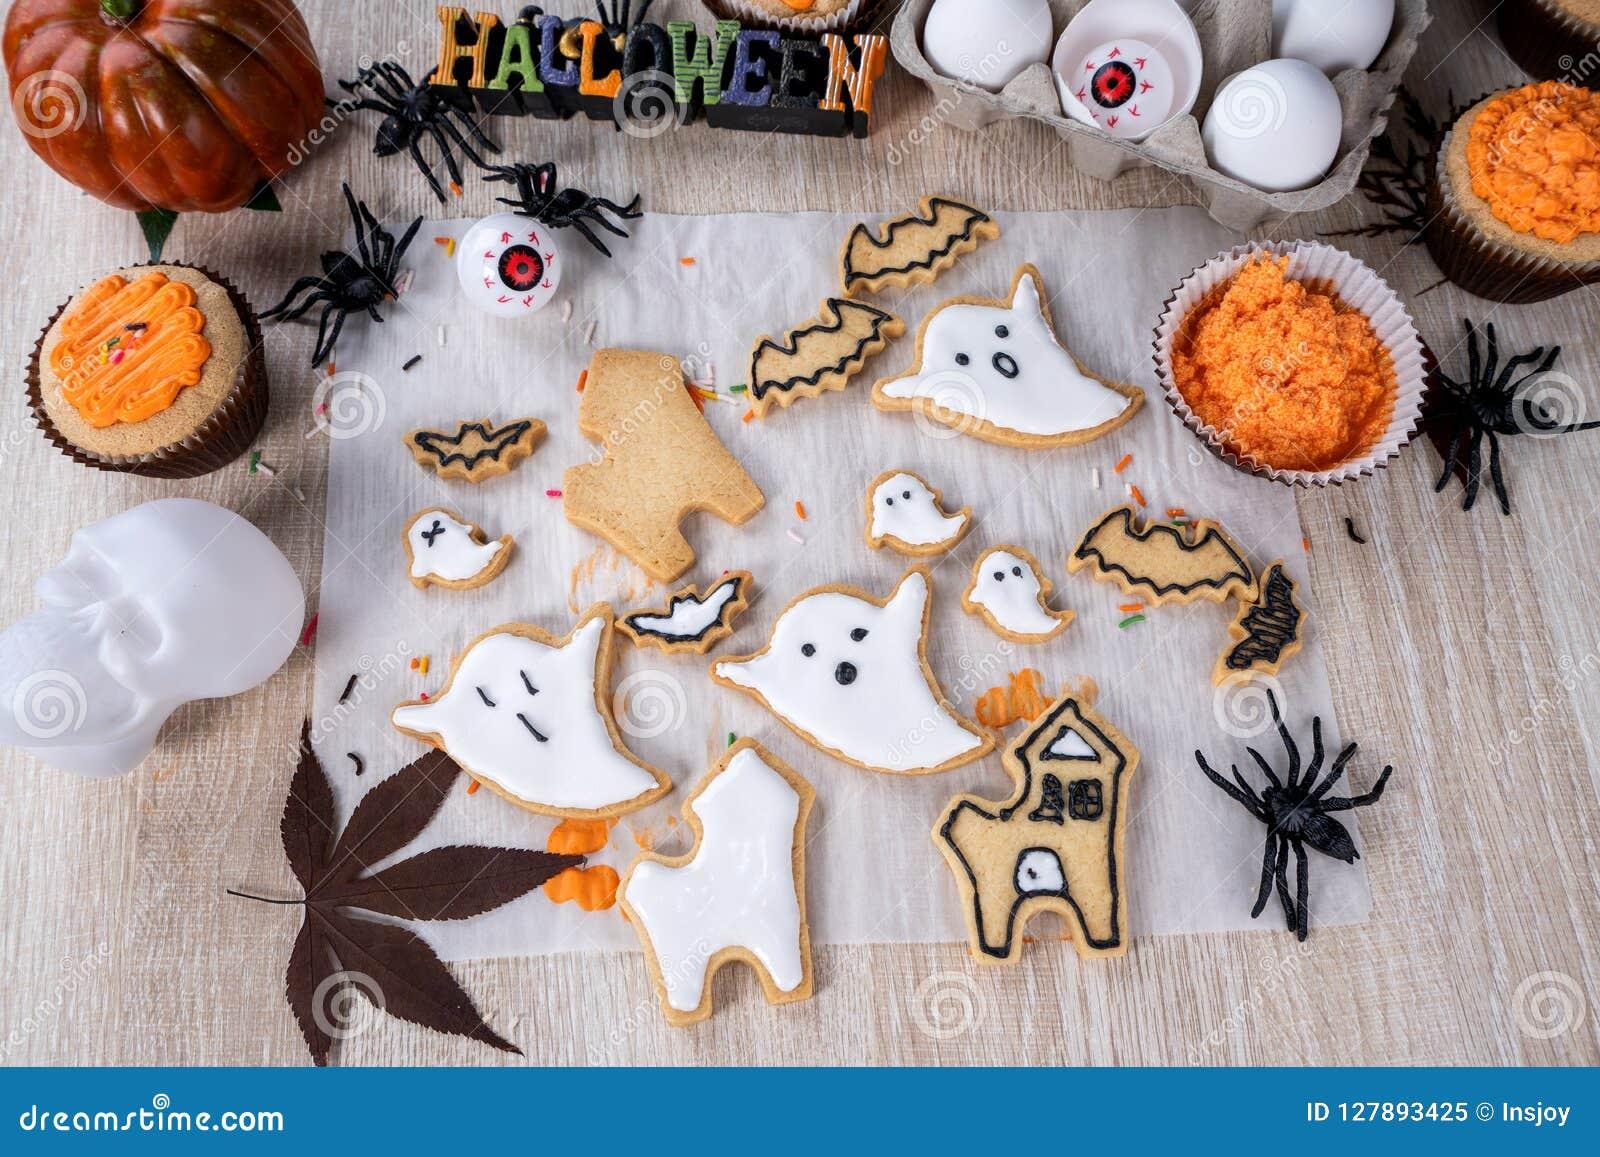 Dessert De Decoration Fait Maison Frais De Halloween Avec Le Fantome Image Stock Image Du Avec Maison 127893425